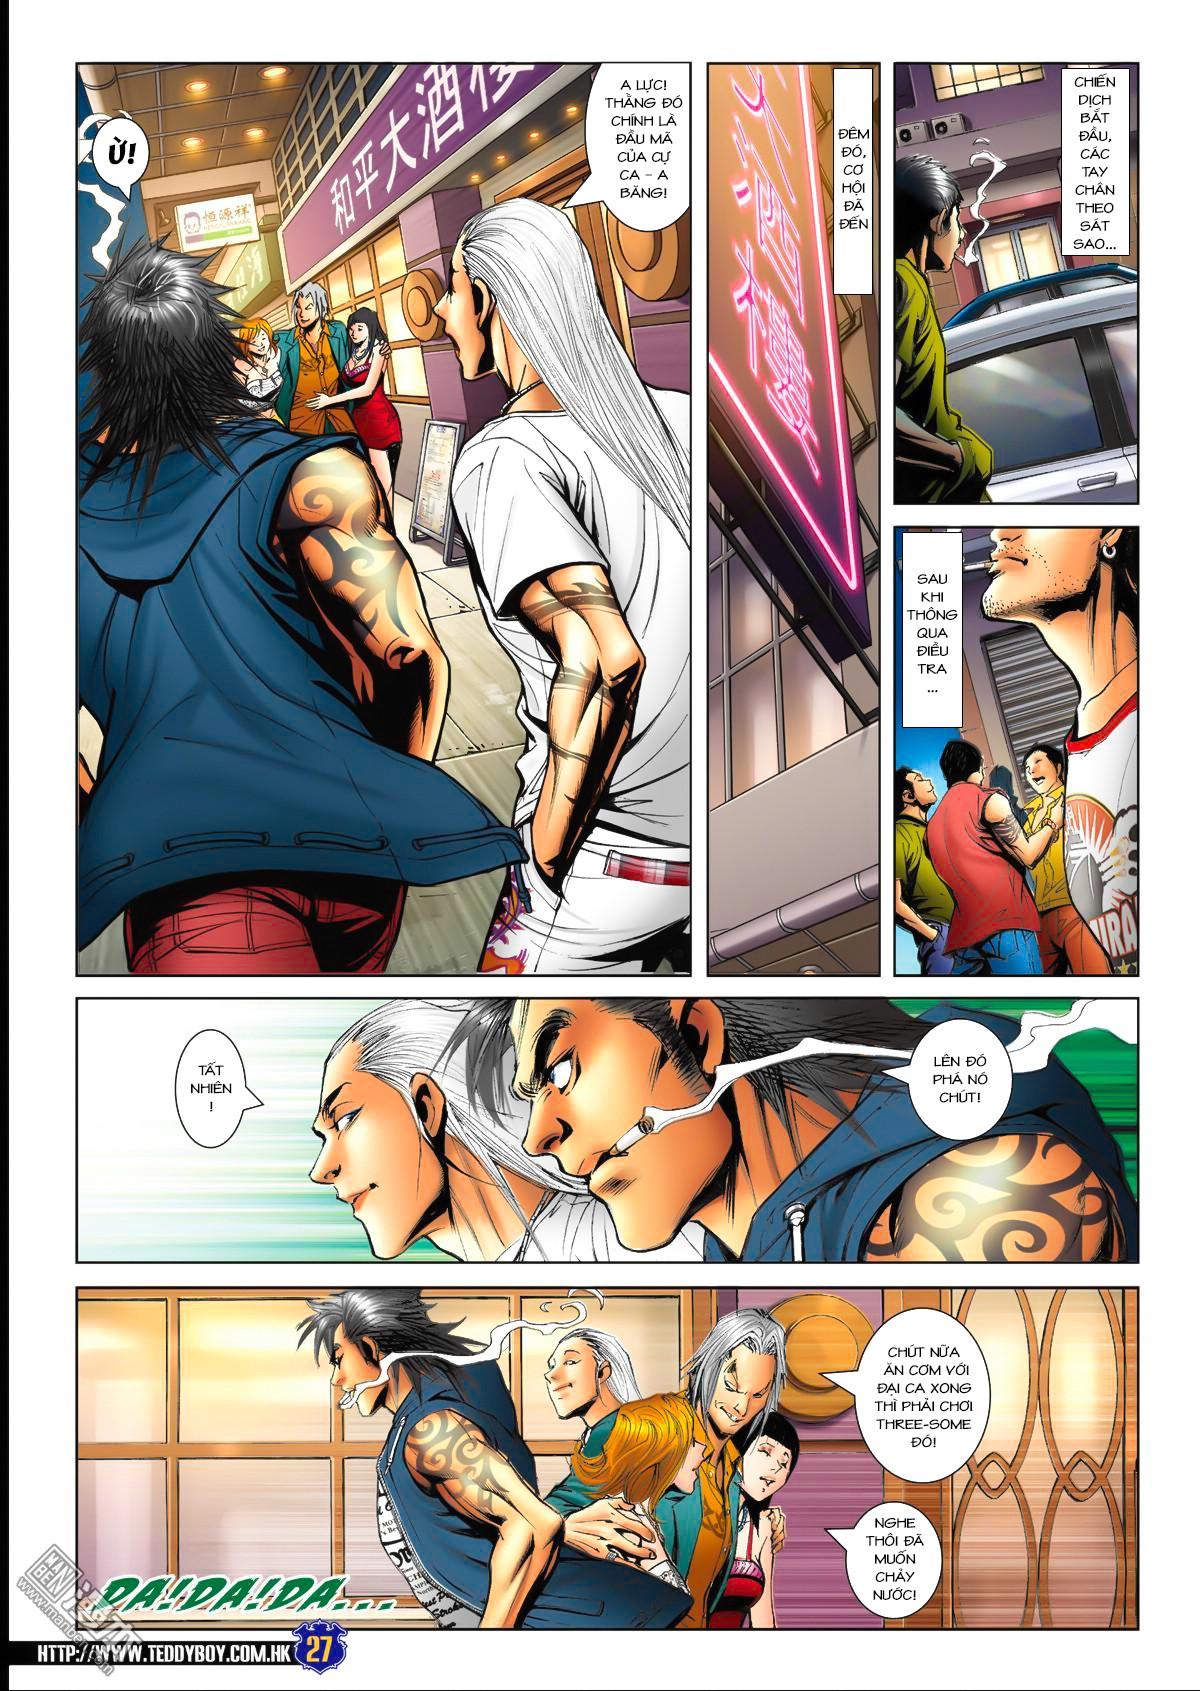 Người Trong Giang Hồ NetTruyen chap 1538 - Trang 23